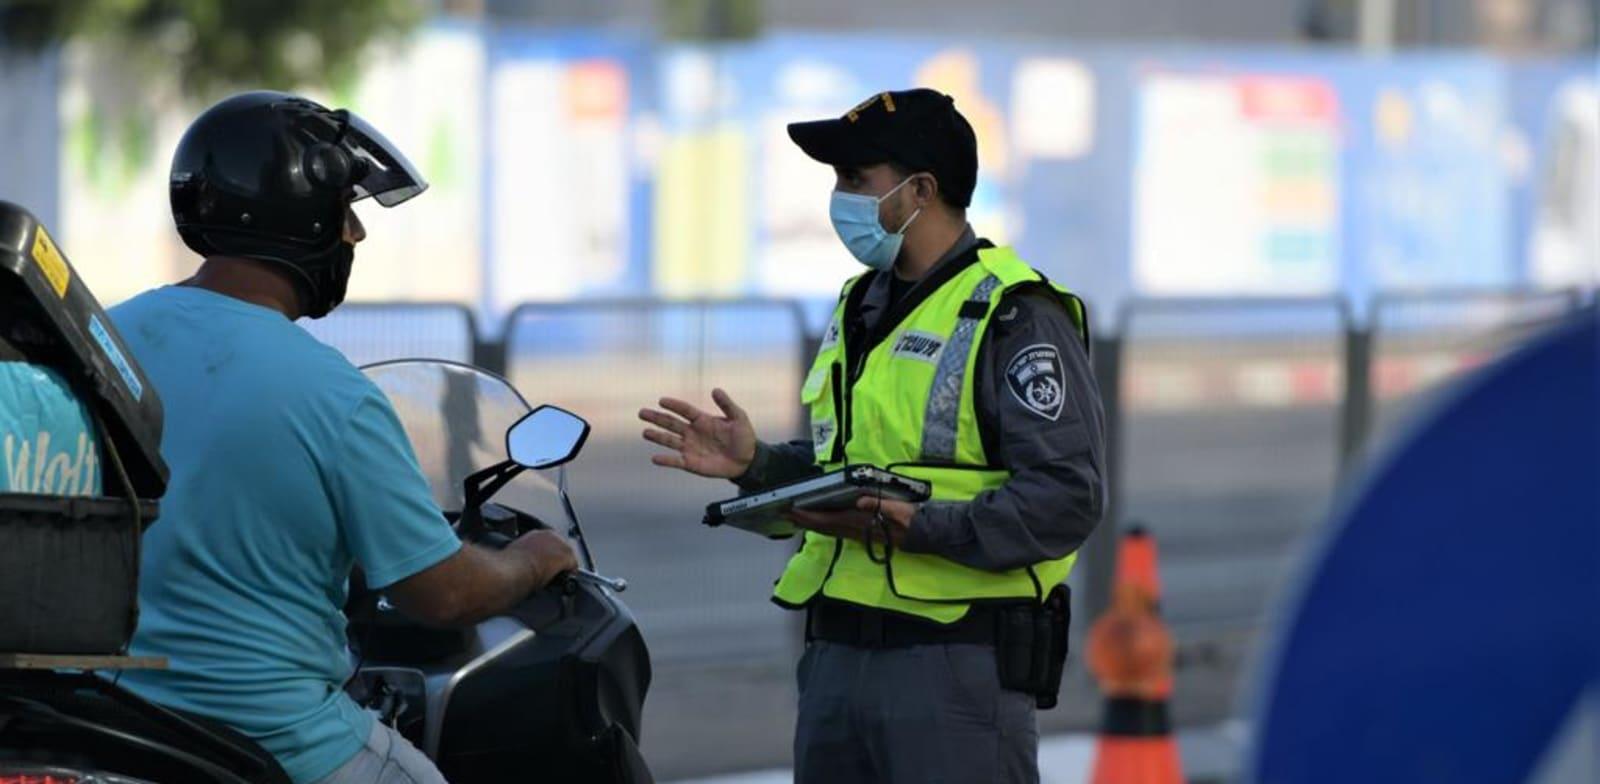 קנס, קנסות, אי עטית מסכות, שוטרים, משטרה, קורונה / צילום: דוברות משטרת ישראל